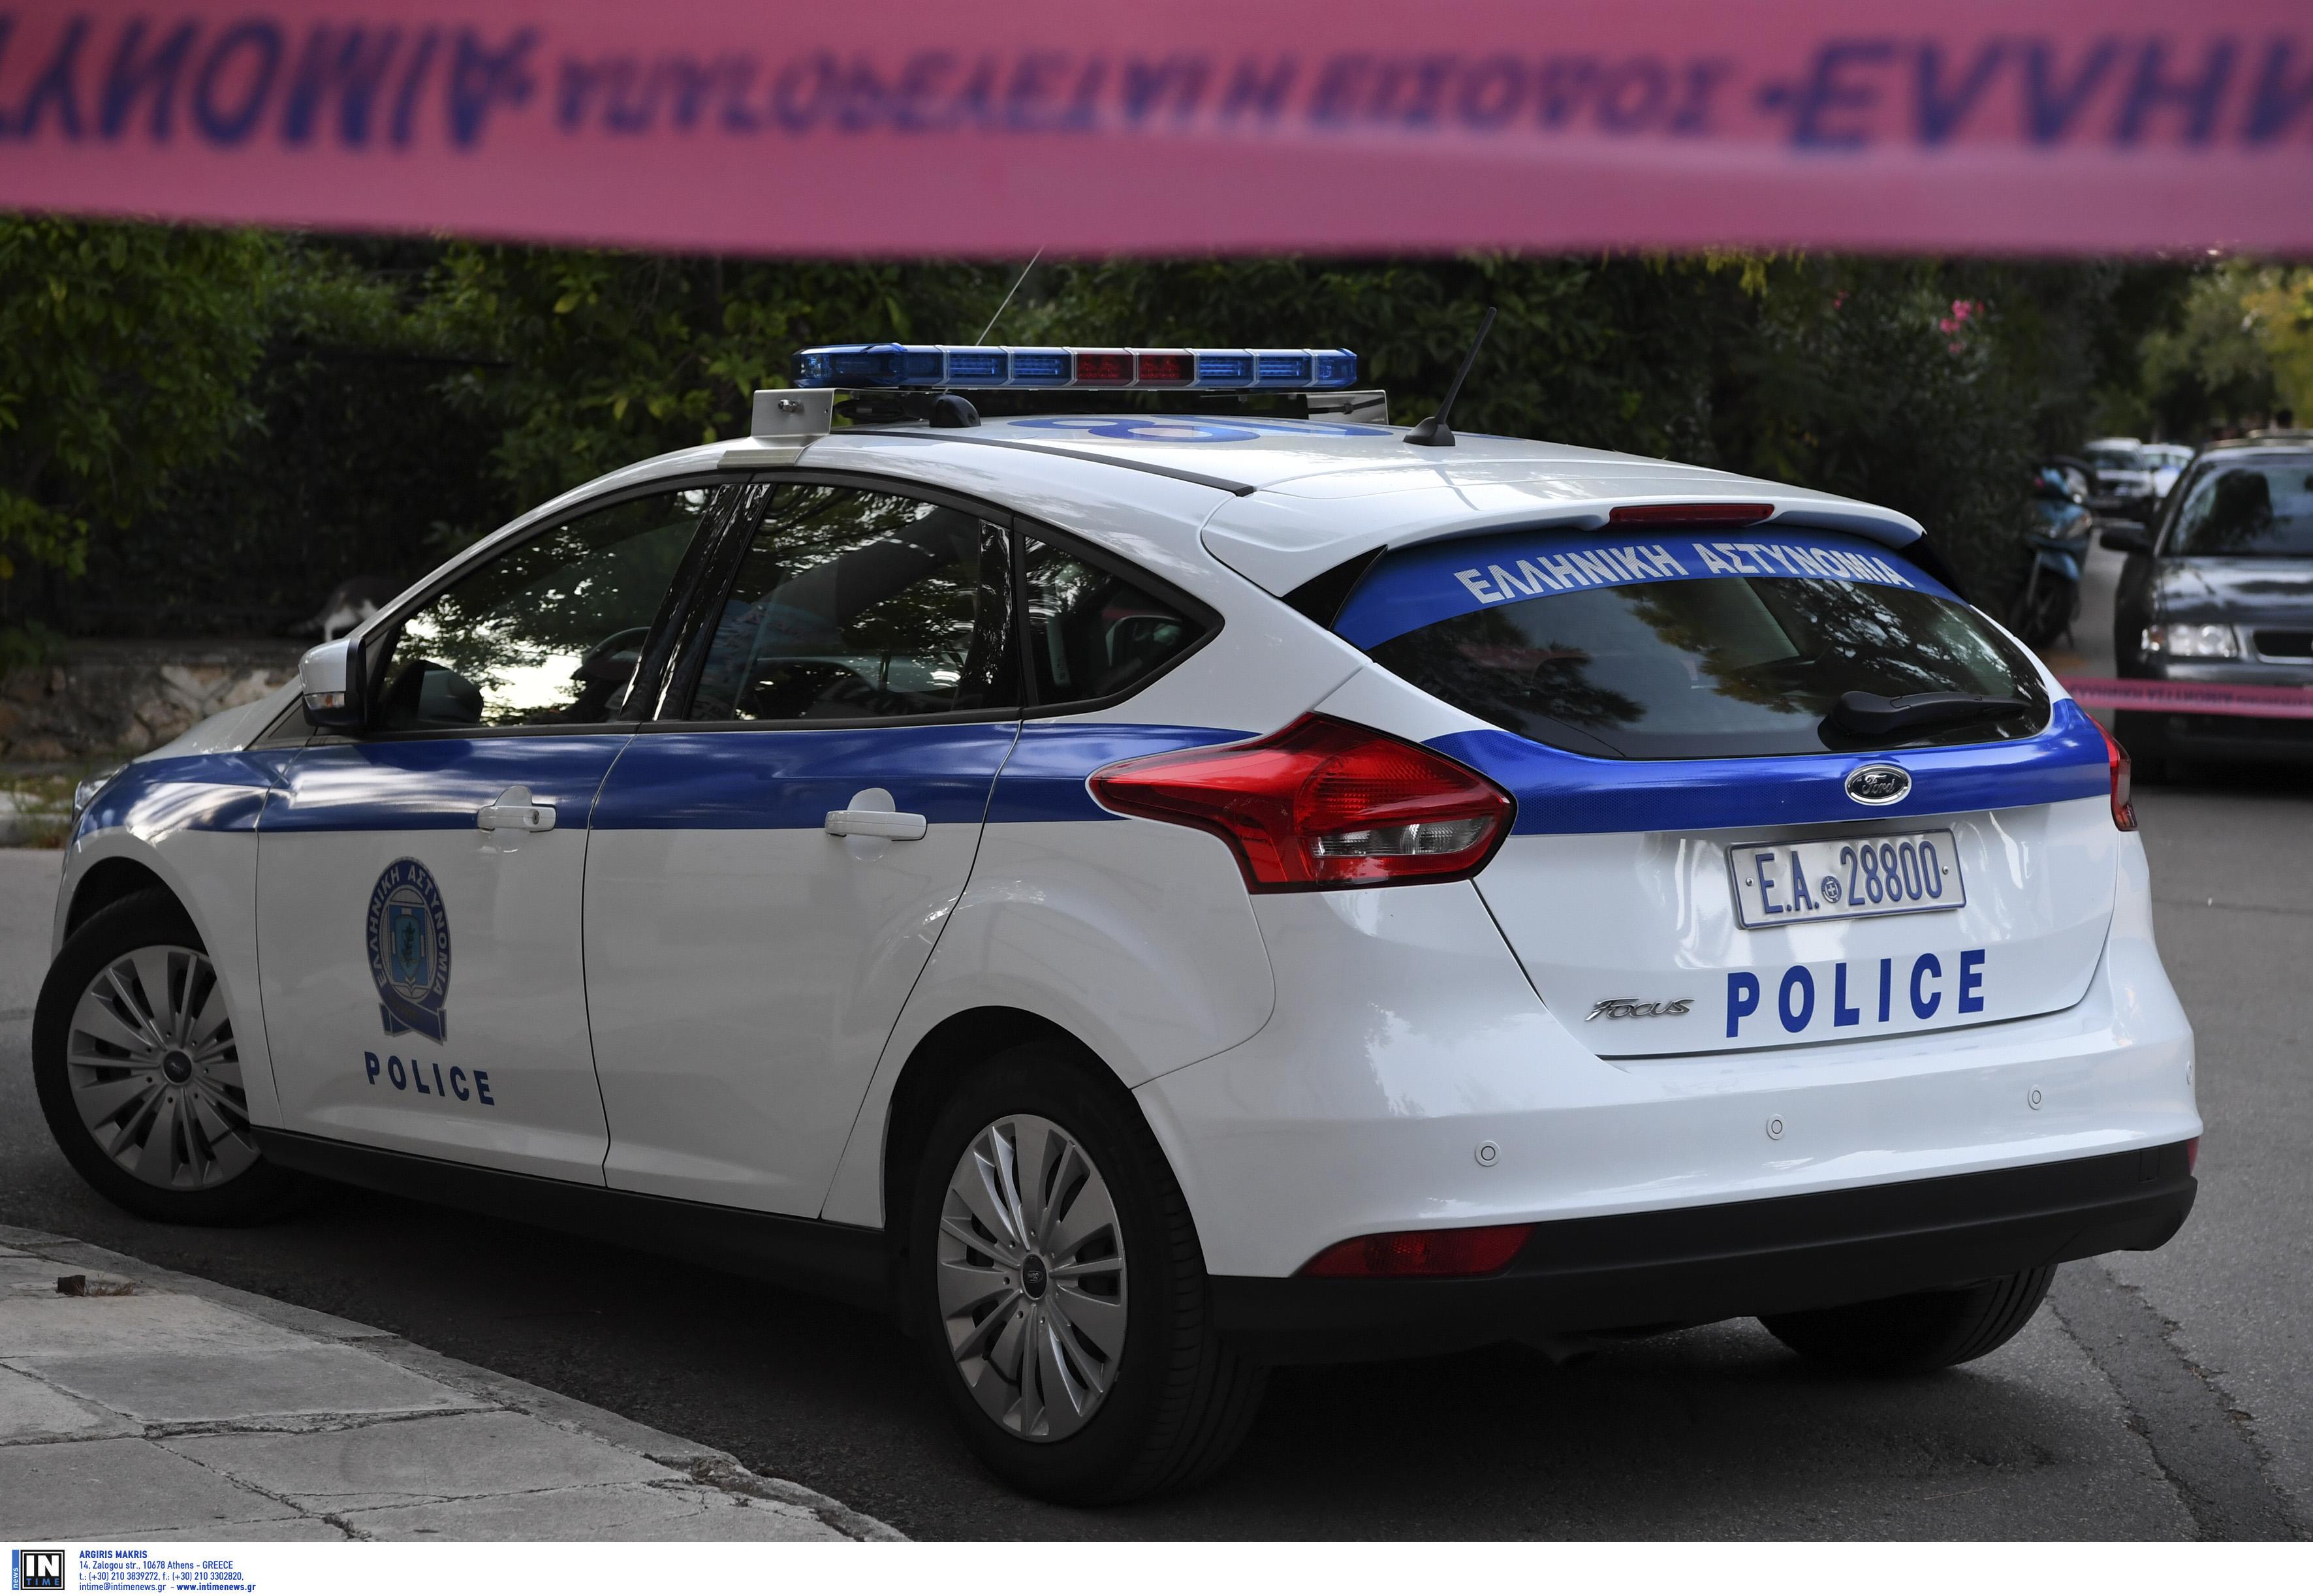 Σοκ στην Πάτρα! Μάνα τριών παιδιών προσπάθησε να αυτοκτονήσει – Την απέλυσαν γιατί ζήτησε άδεια λόγω υπερκόπωσης